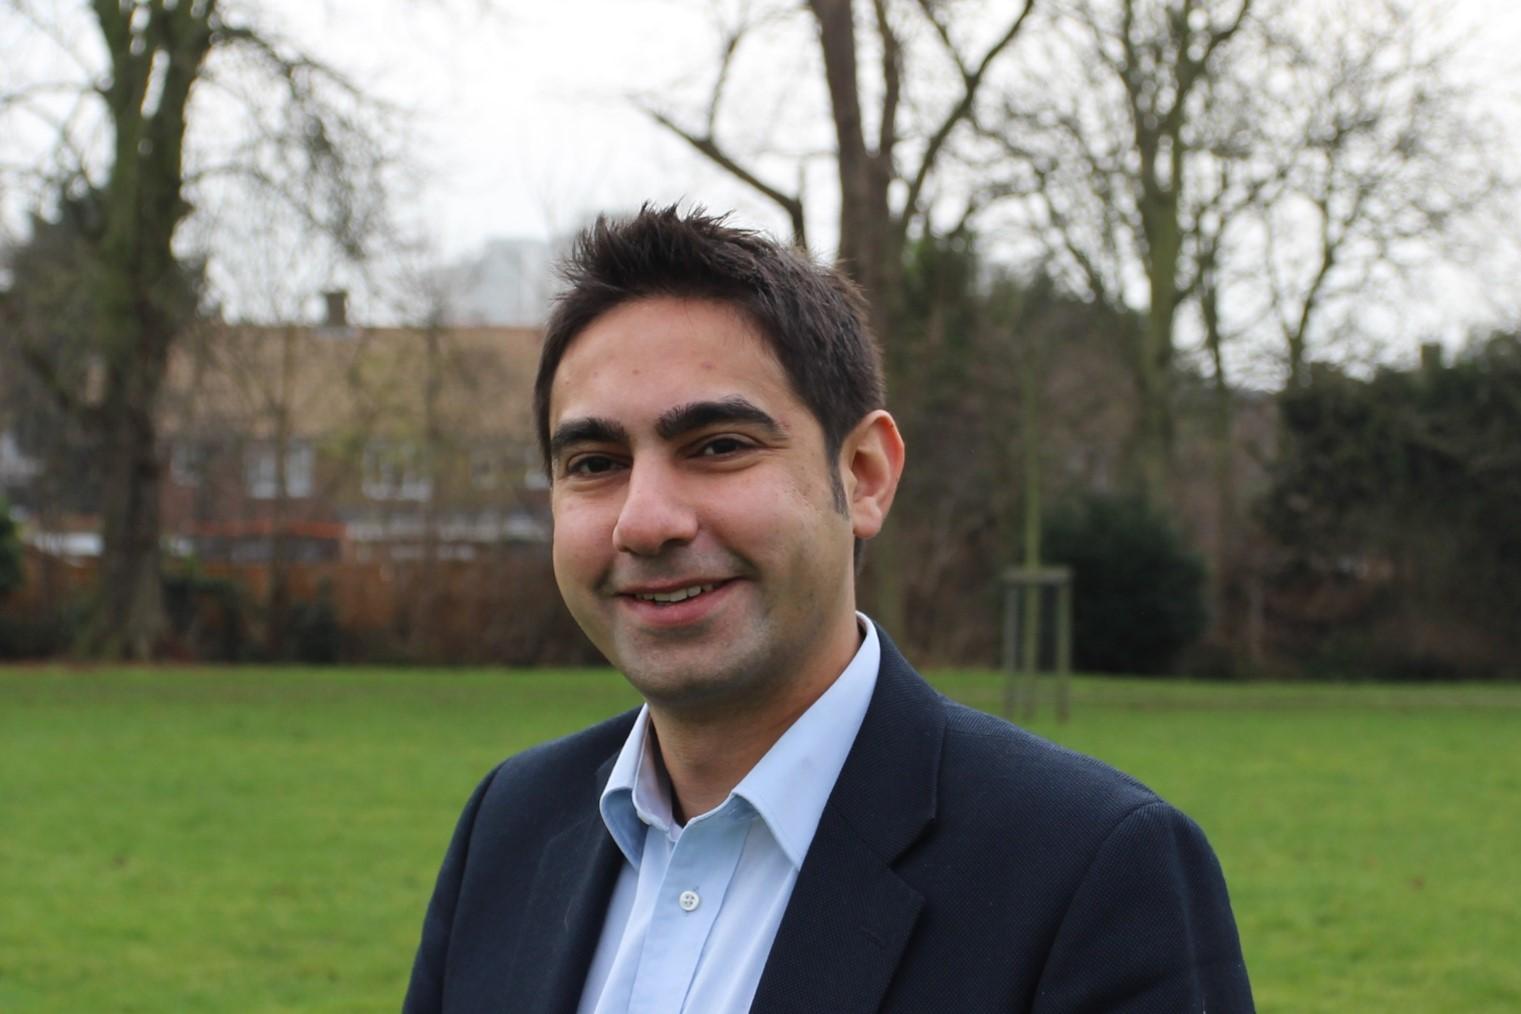 Salman_Shaheen_-_Isleworth.jpg